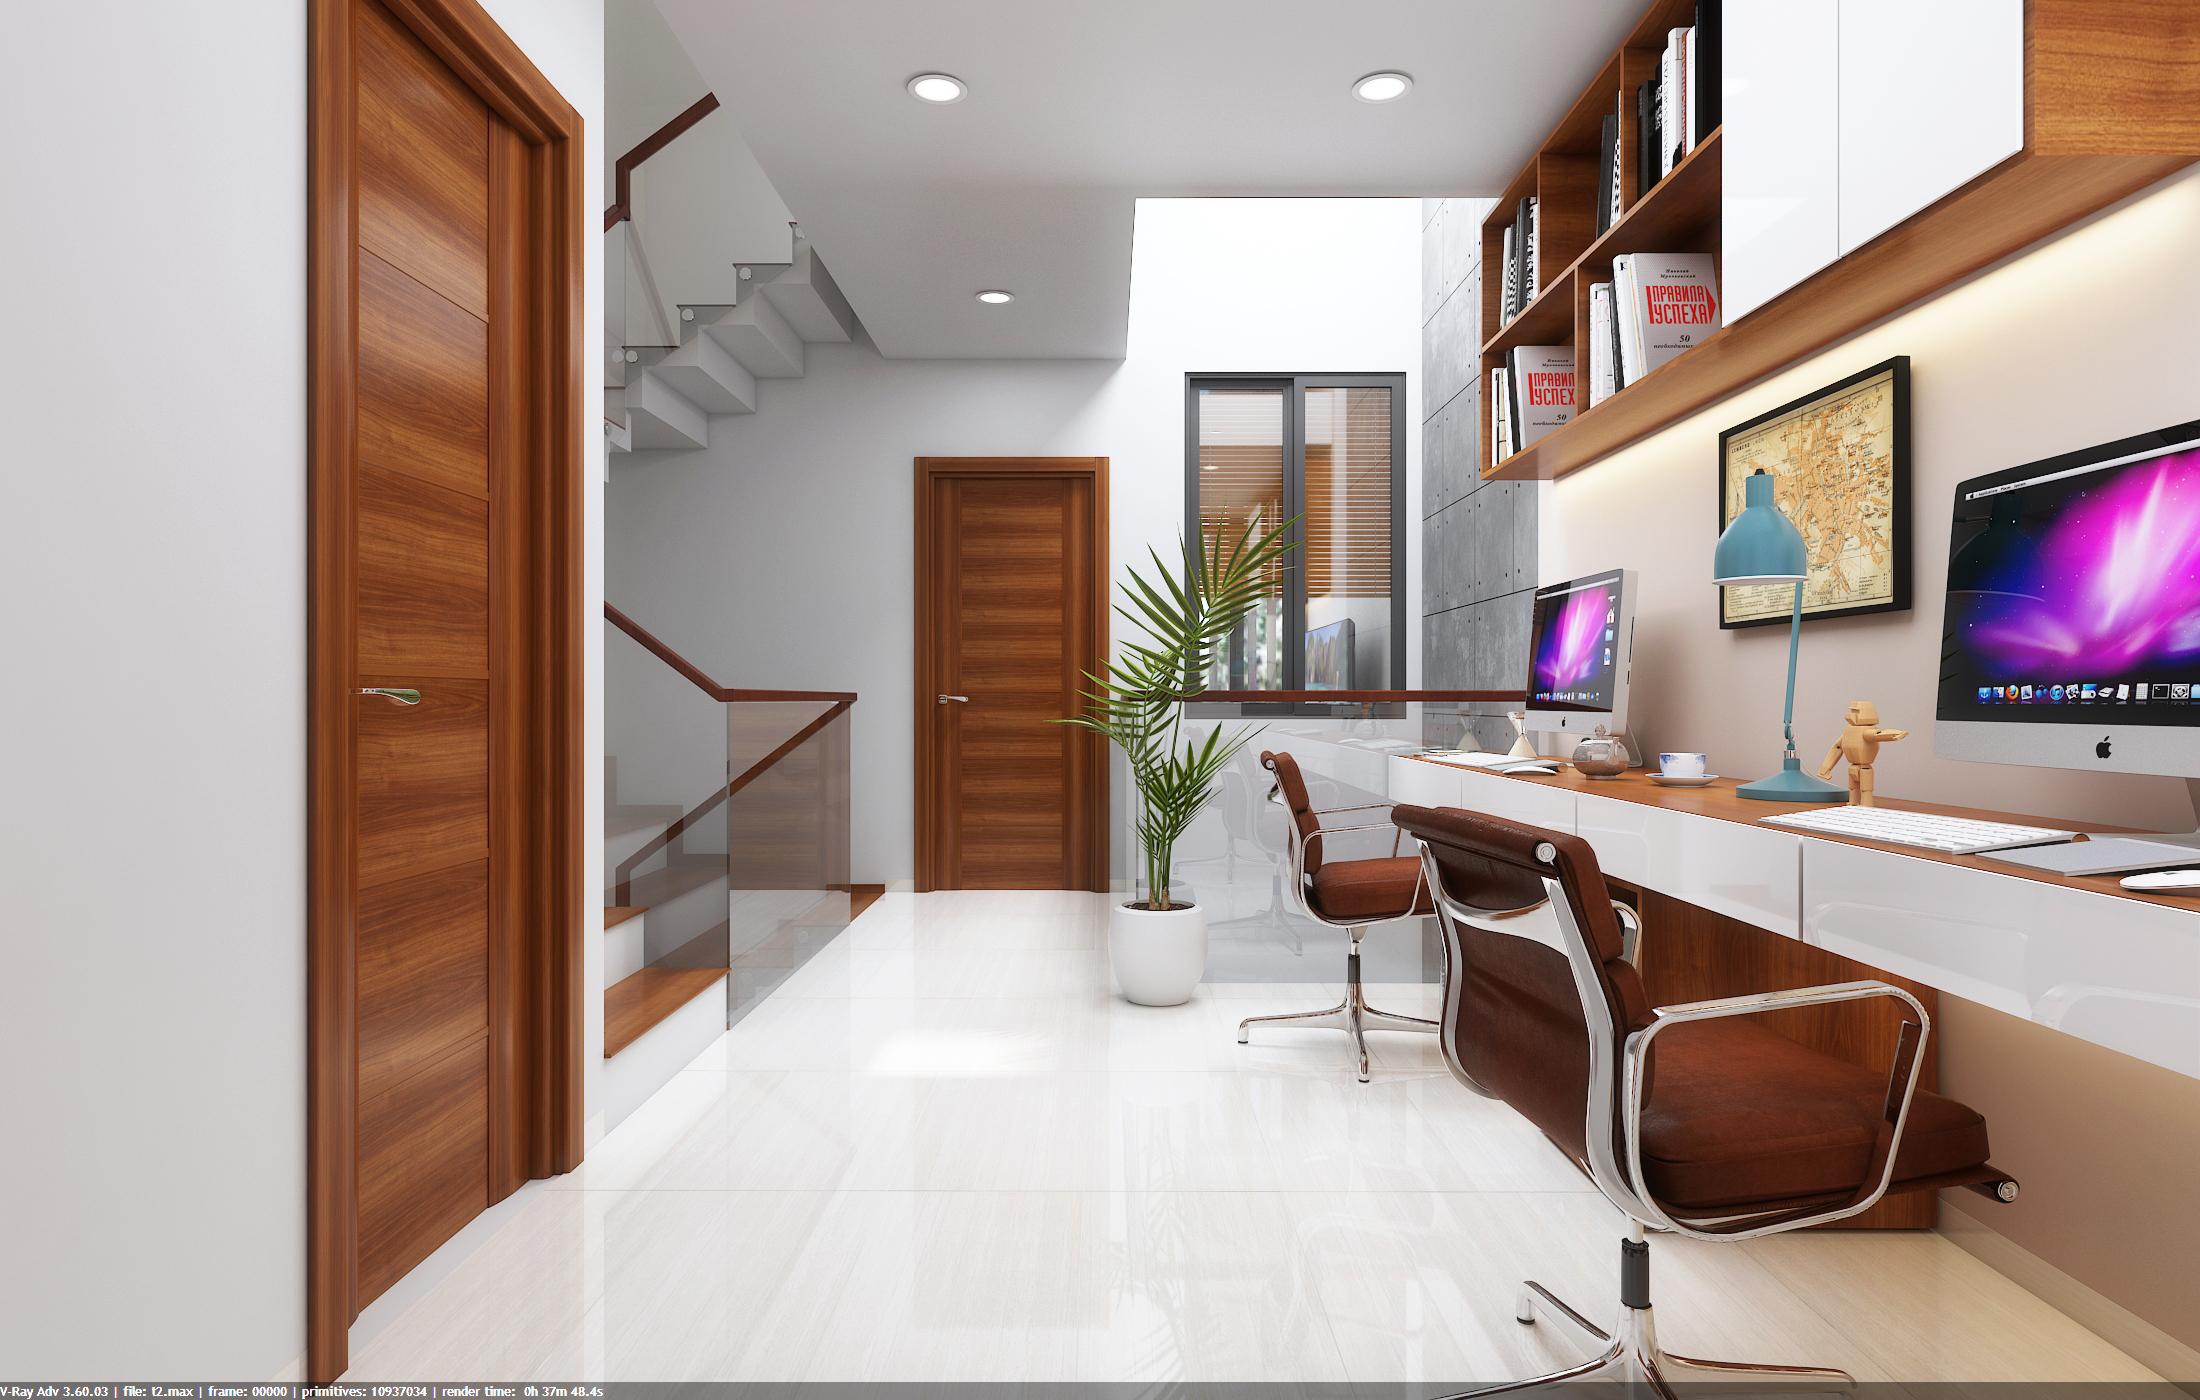 thiết kế nội thất Nhà Mặt Phố tại Đà Nẵng Loc House Interior 8 1548312556